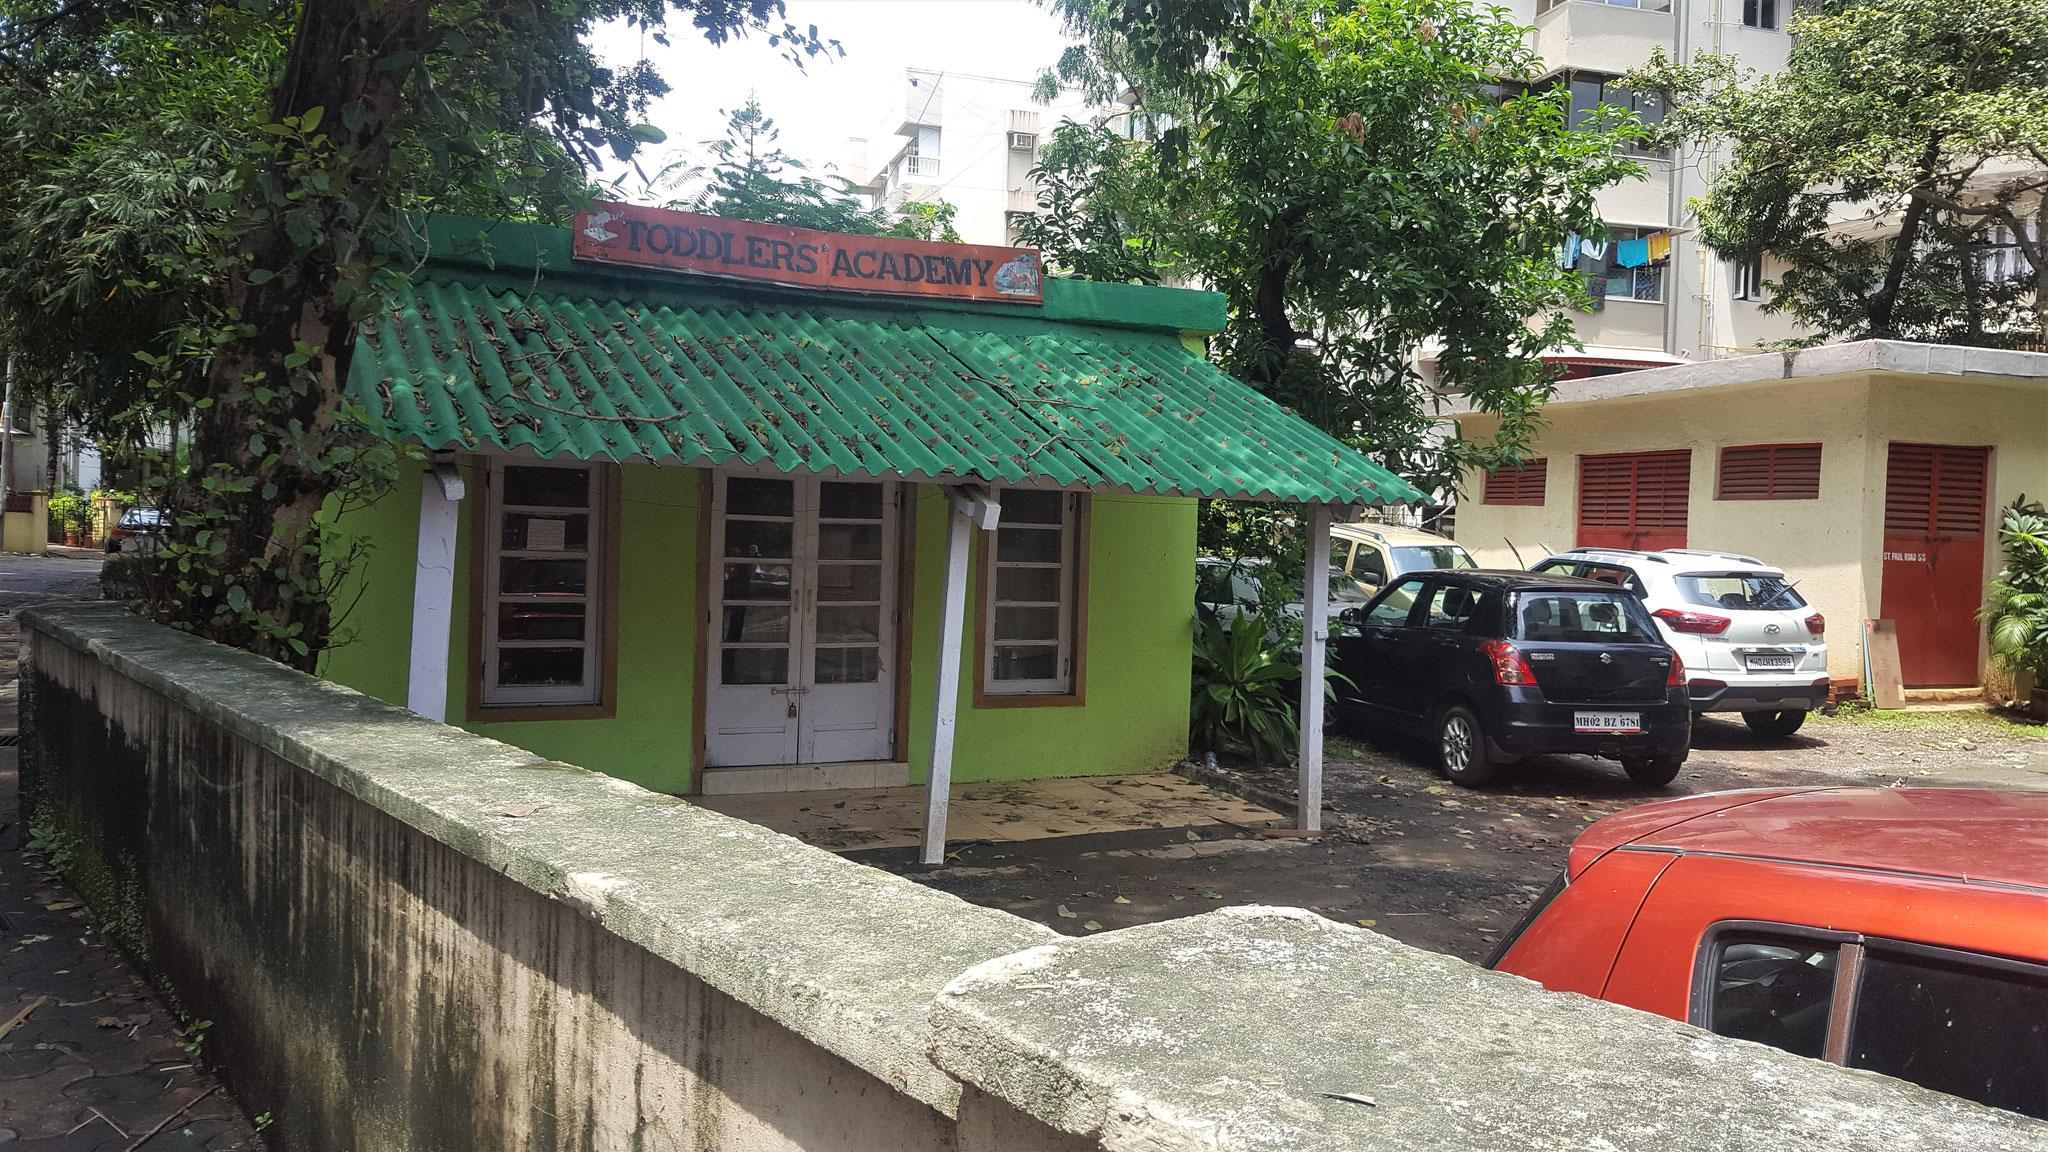 Toddlers Academy in Bandra, eine Grundschule